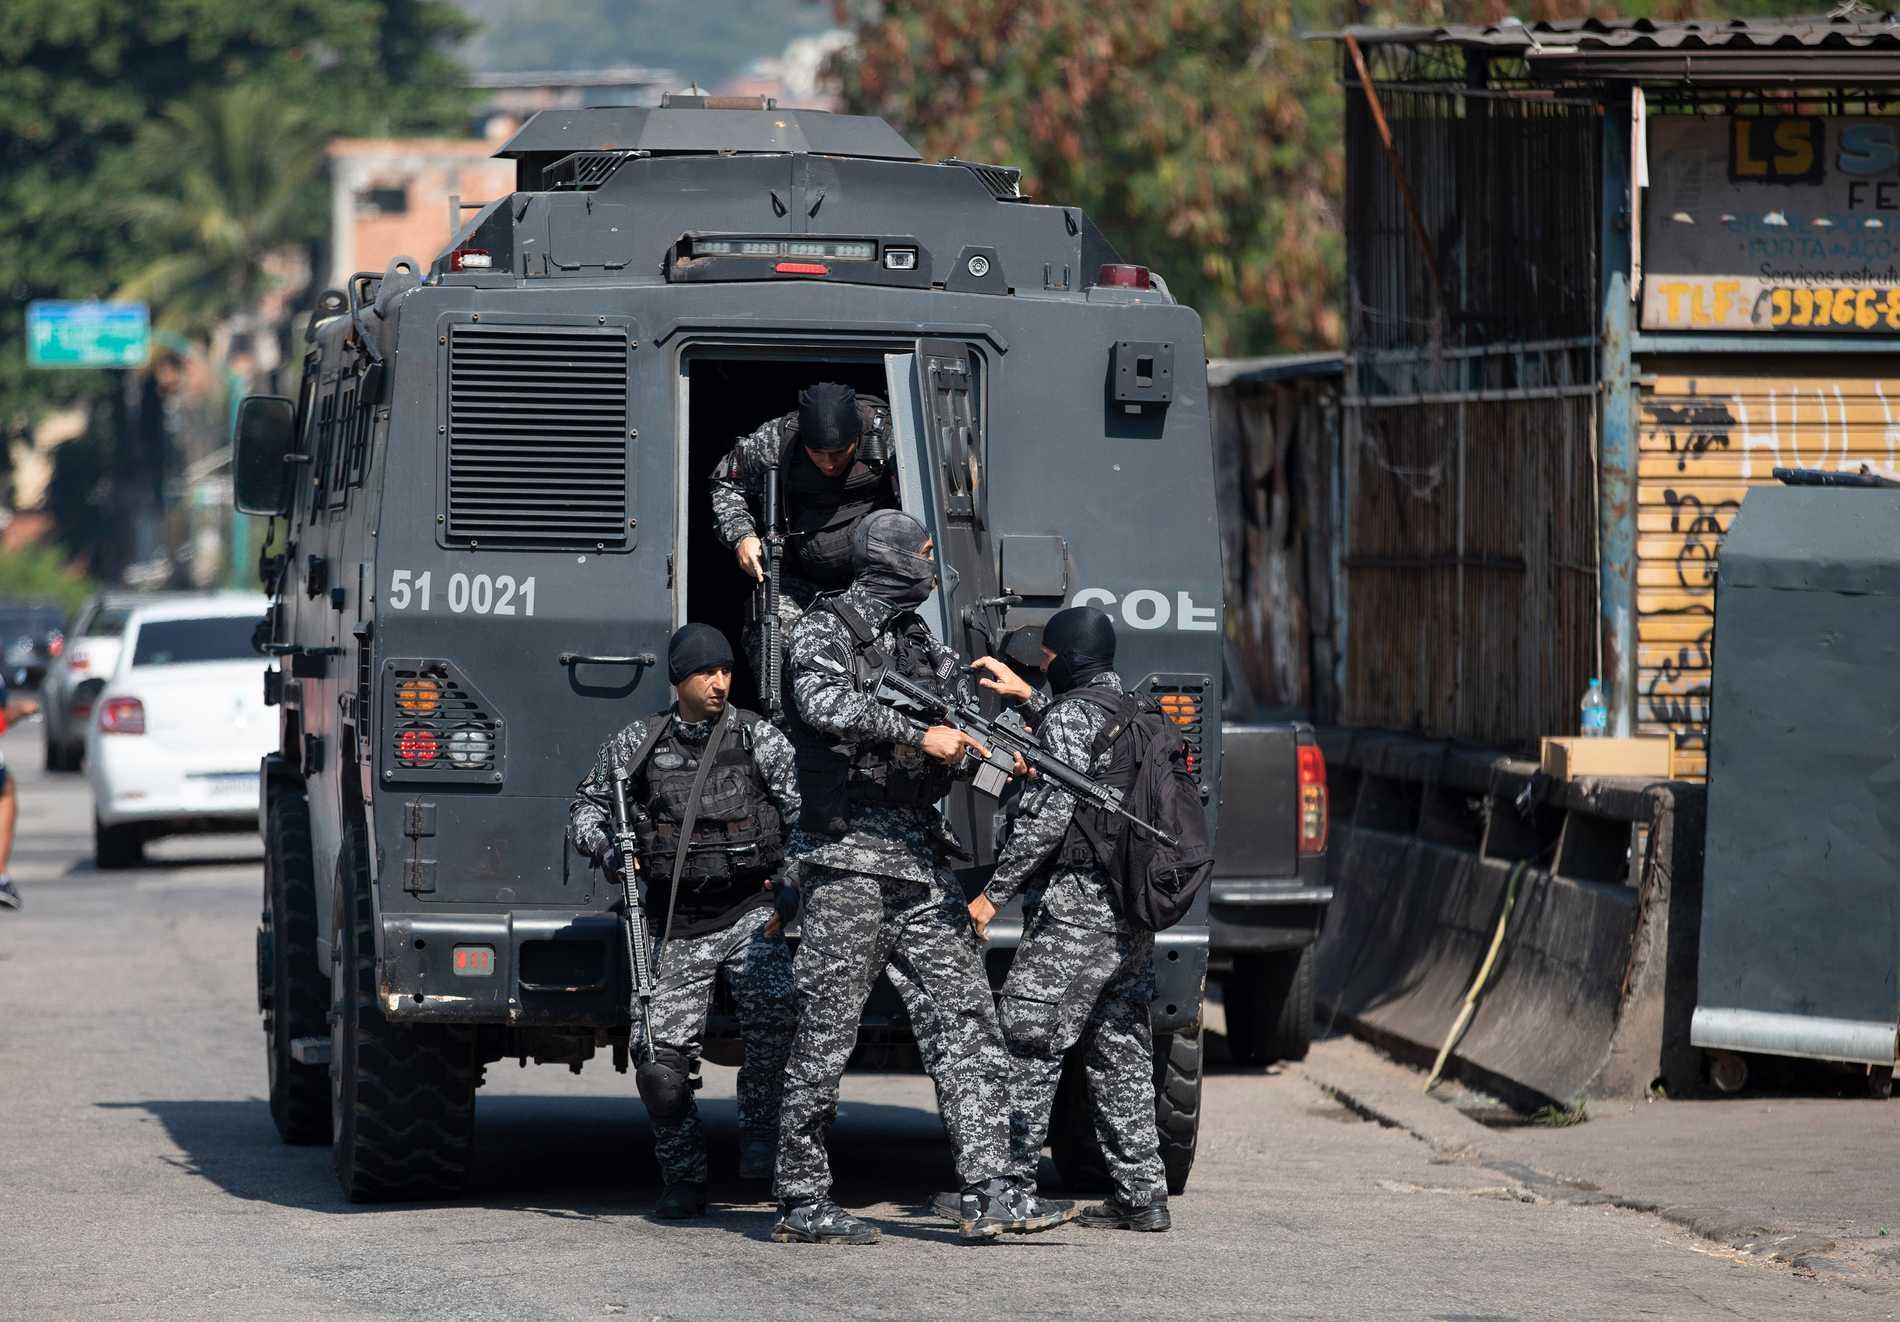 Brasilianska poliser förbereder sig för tillslaget mot knarkhandlare i Rio de Janeiro på torsdagen. Minst 25 människor dog – varav en polis – i tillslaget, enligt medier i Brasilien.